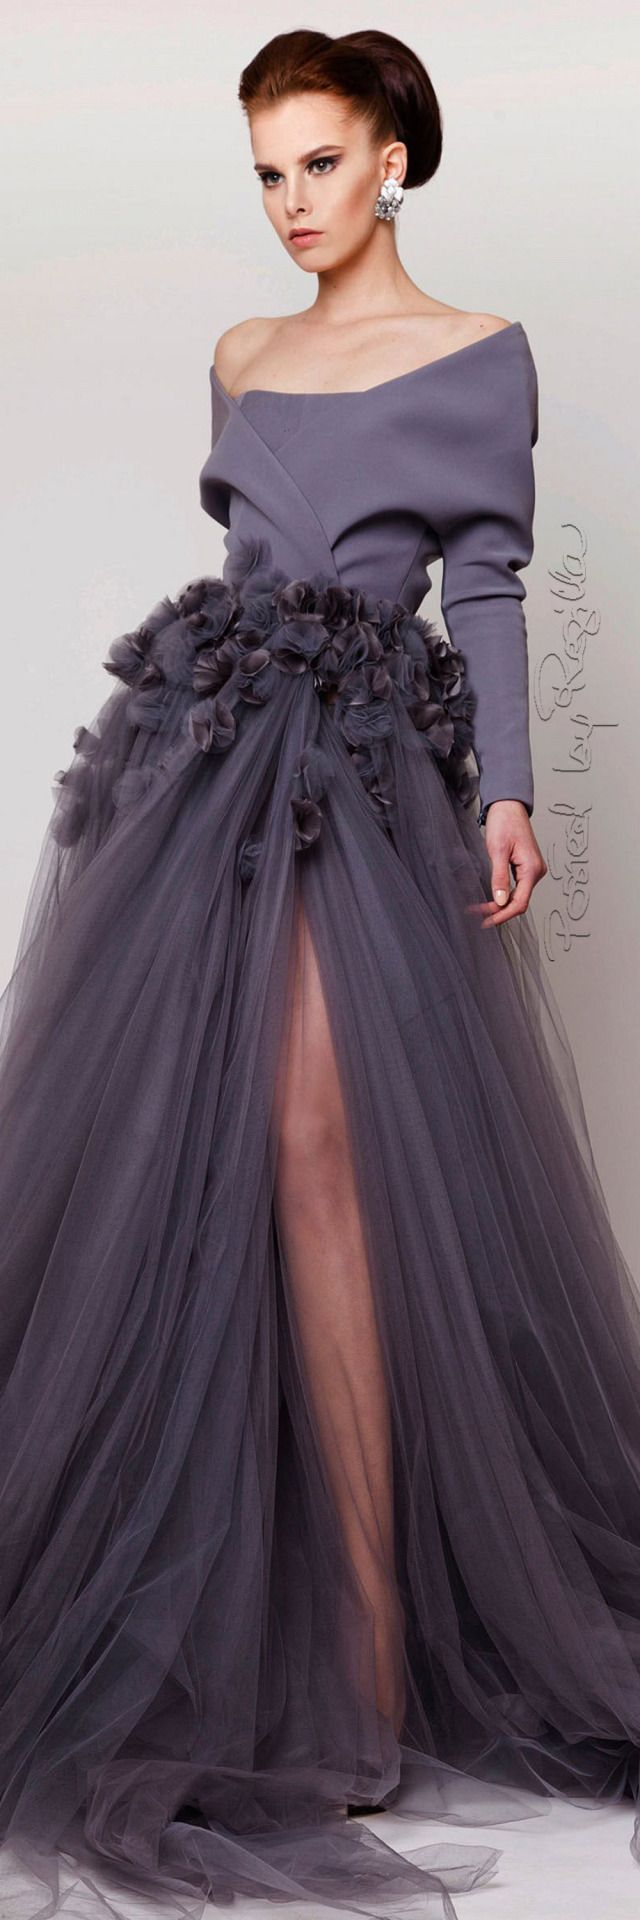 Pin de Beverley Parris en Fabulous | Pinterest | Vestiditos ...